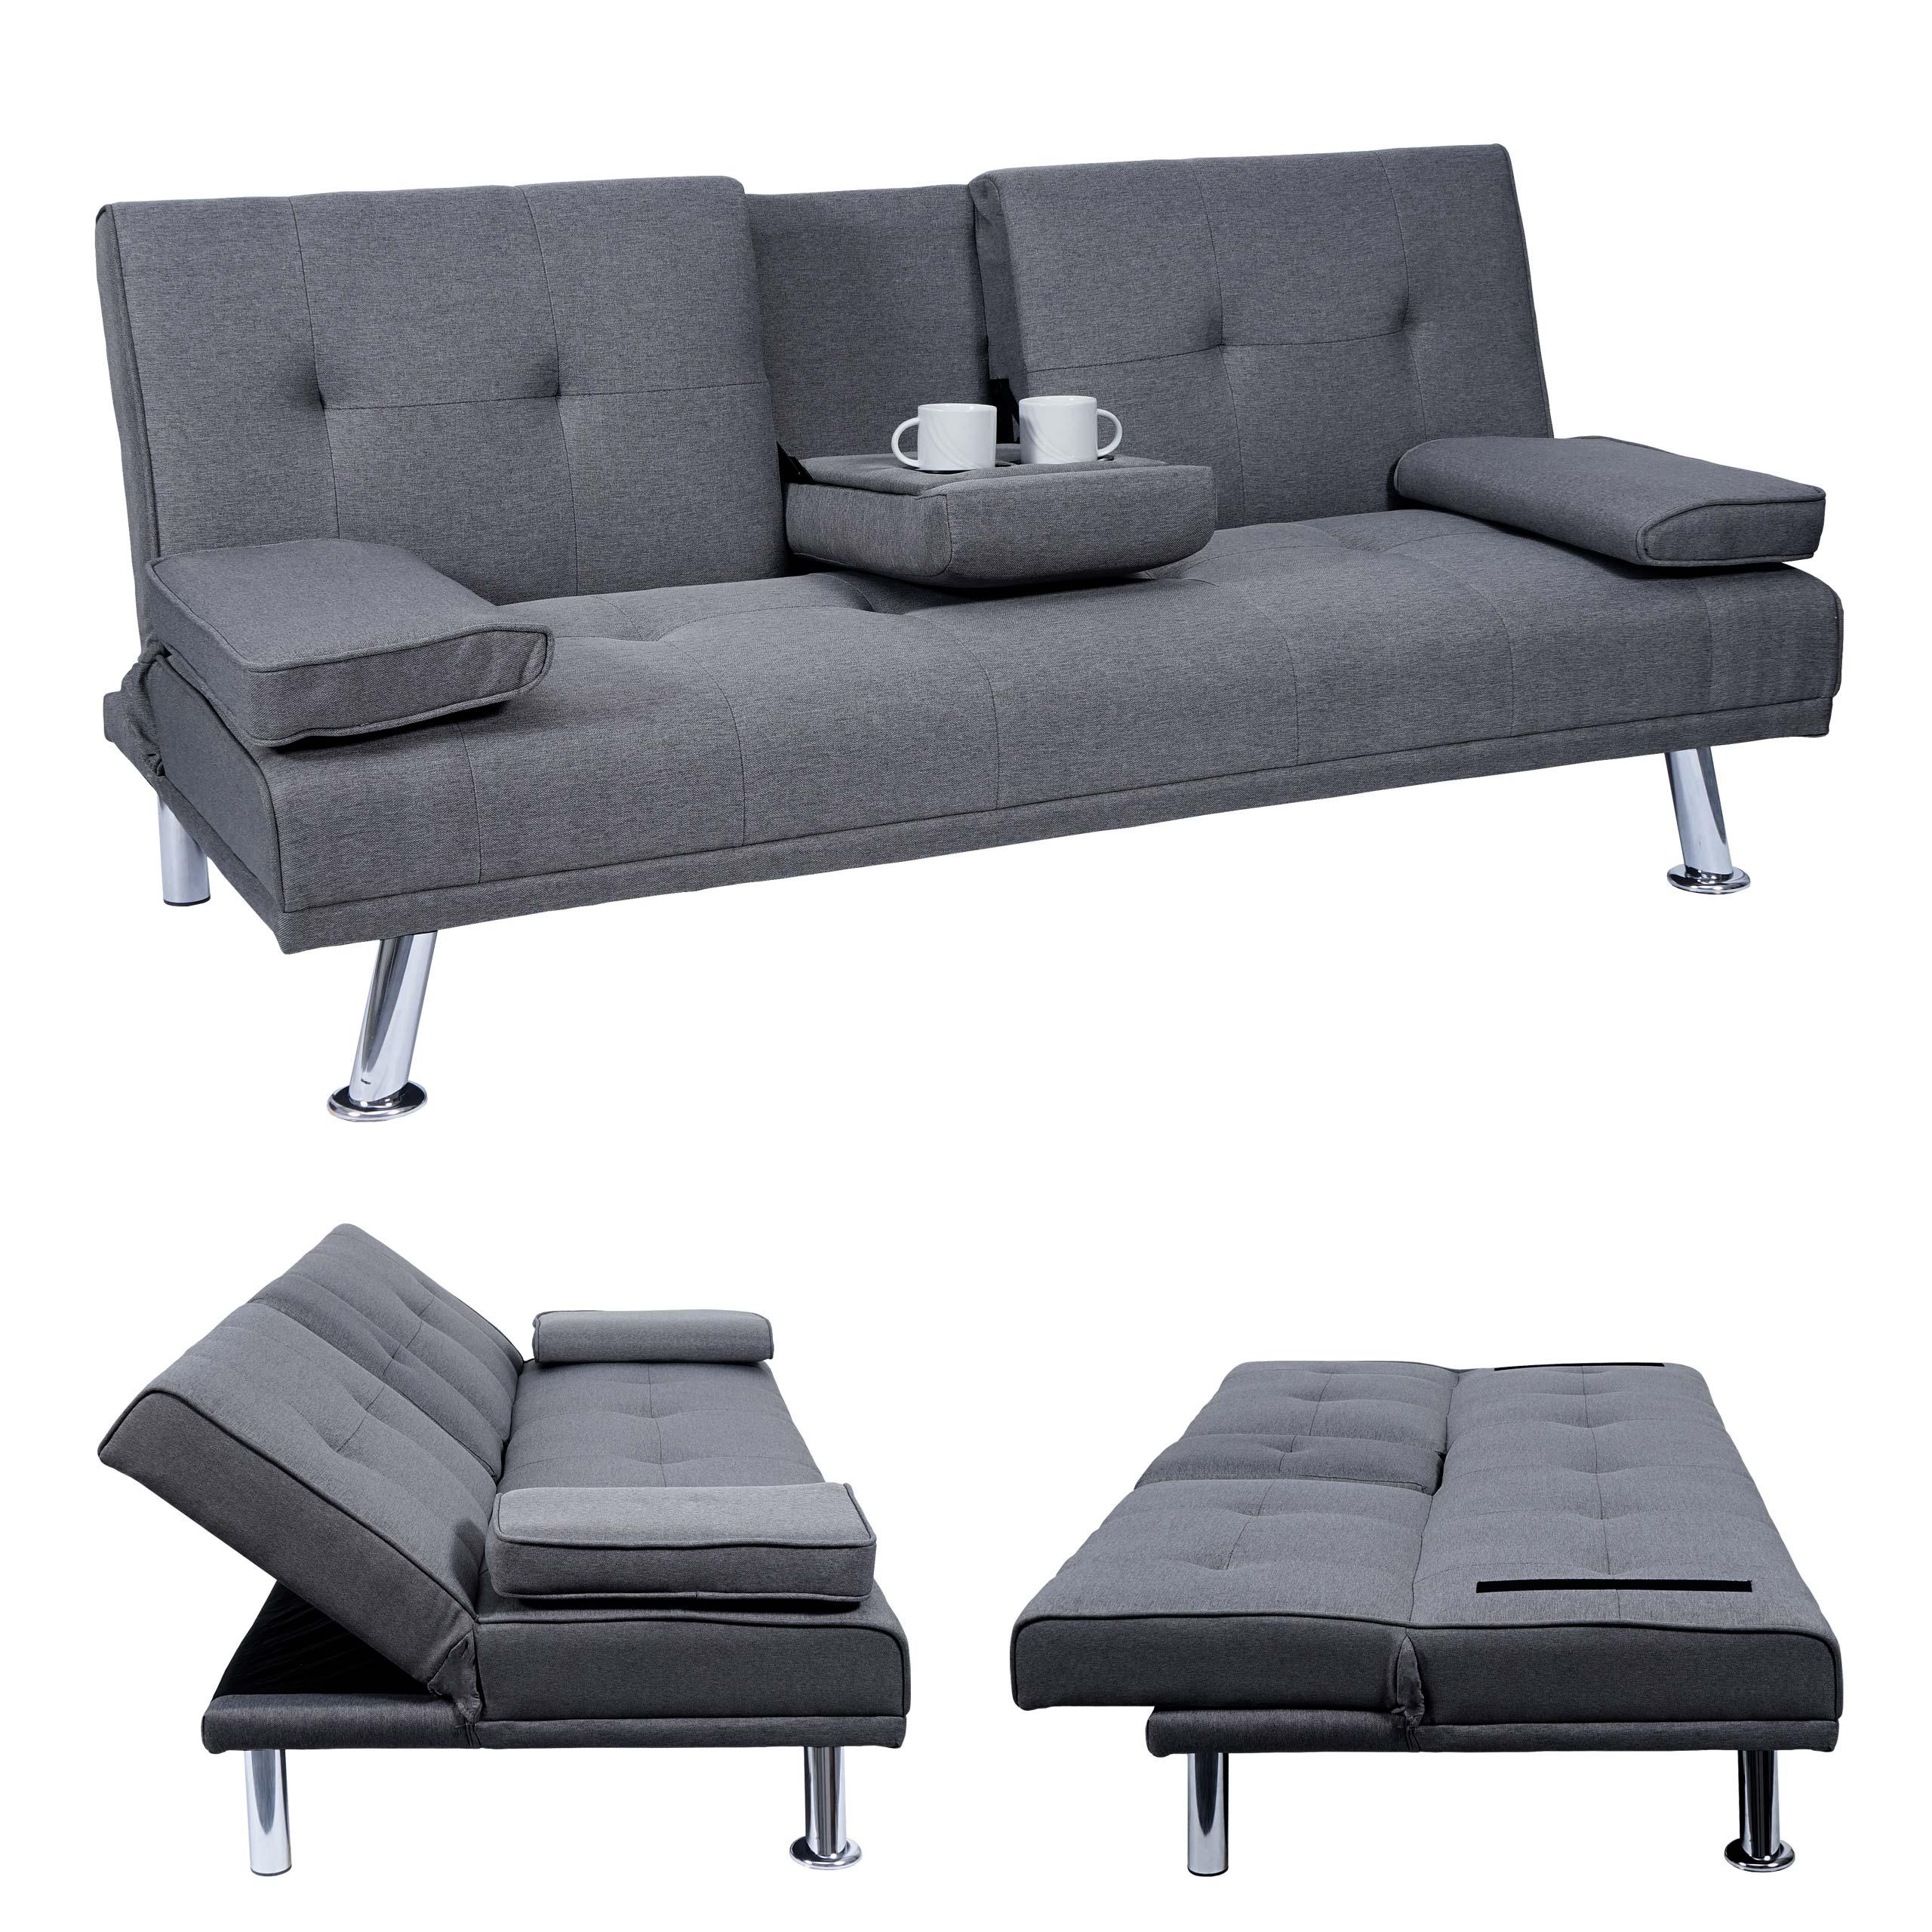 Full Size of 3er Sofa Big Poco Benz Wildleder Mit Schlaffunktion Federkern Elektrischer Sitztiefenverstellung Günstig Alternatives Lagerverkauf Langes Relaxfunktion Weiß Sofa 3er Sofa